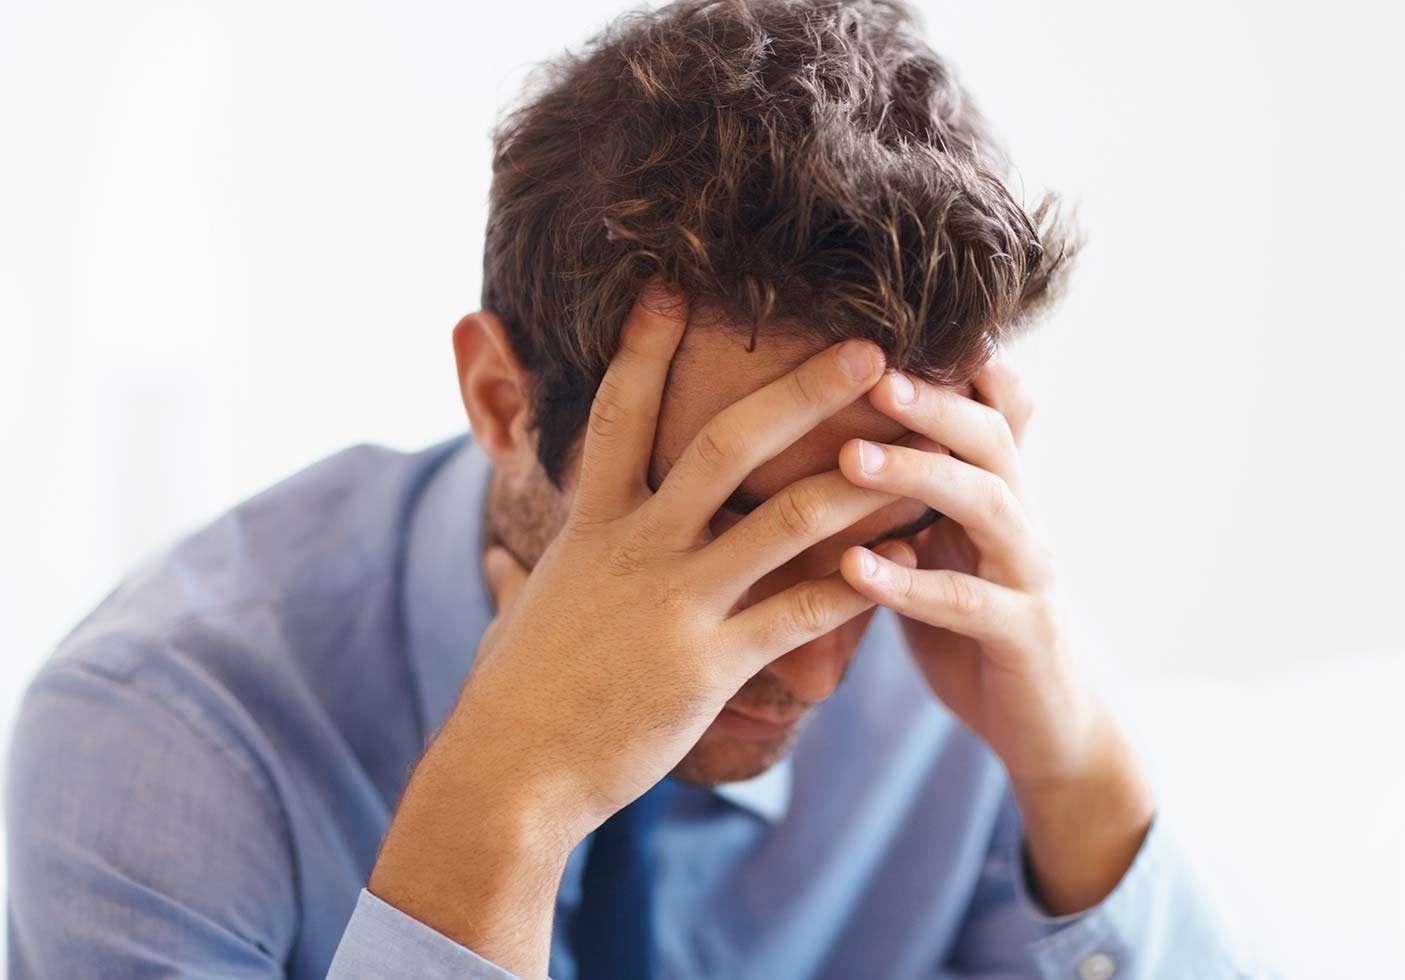 Вылечить мужское бесплодие помогут стволовые клетки